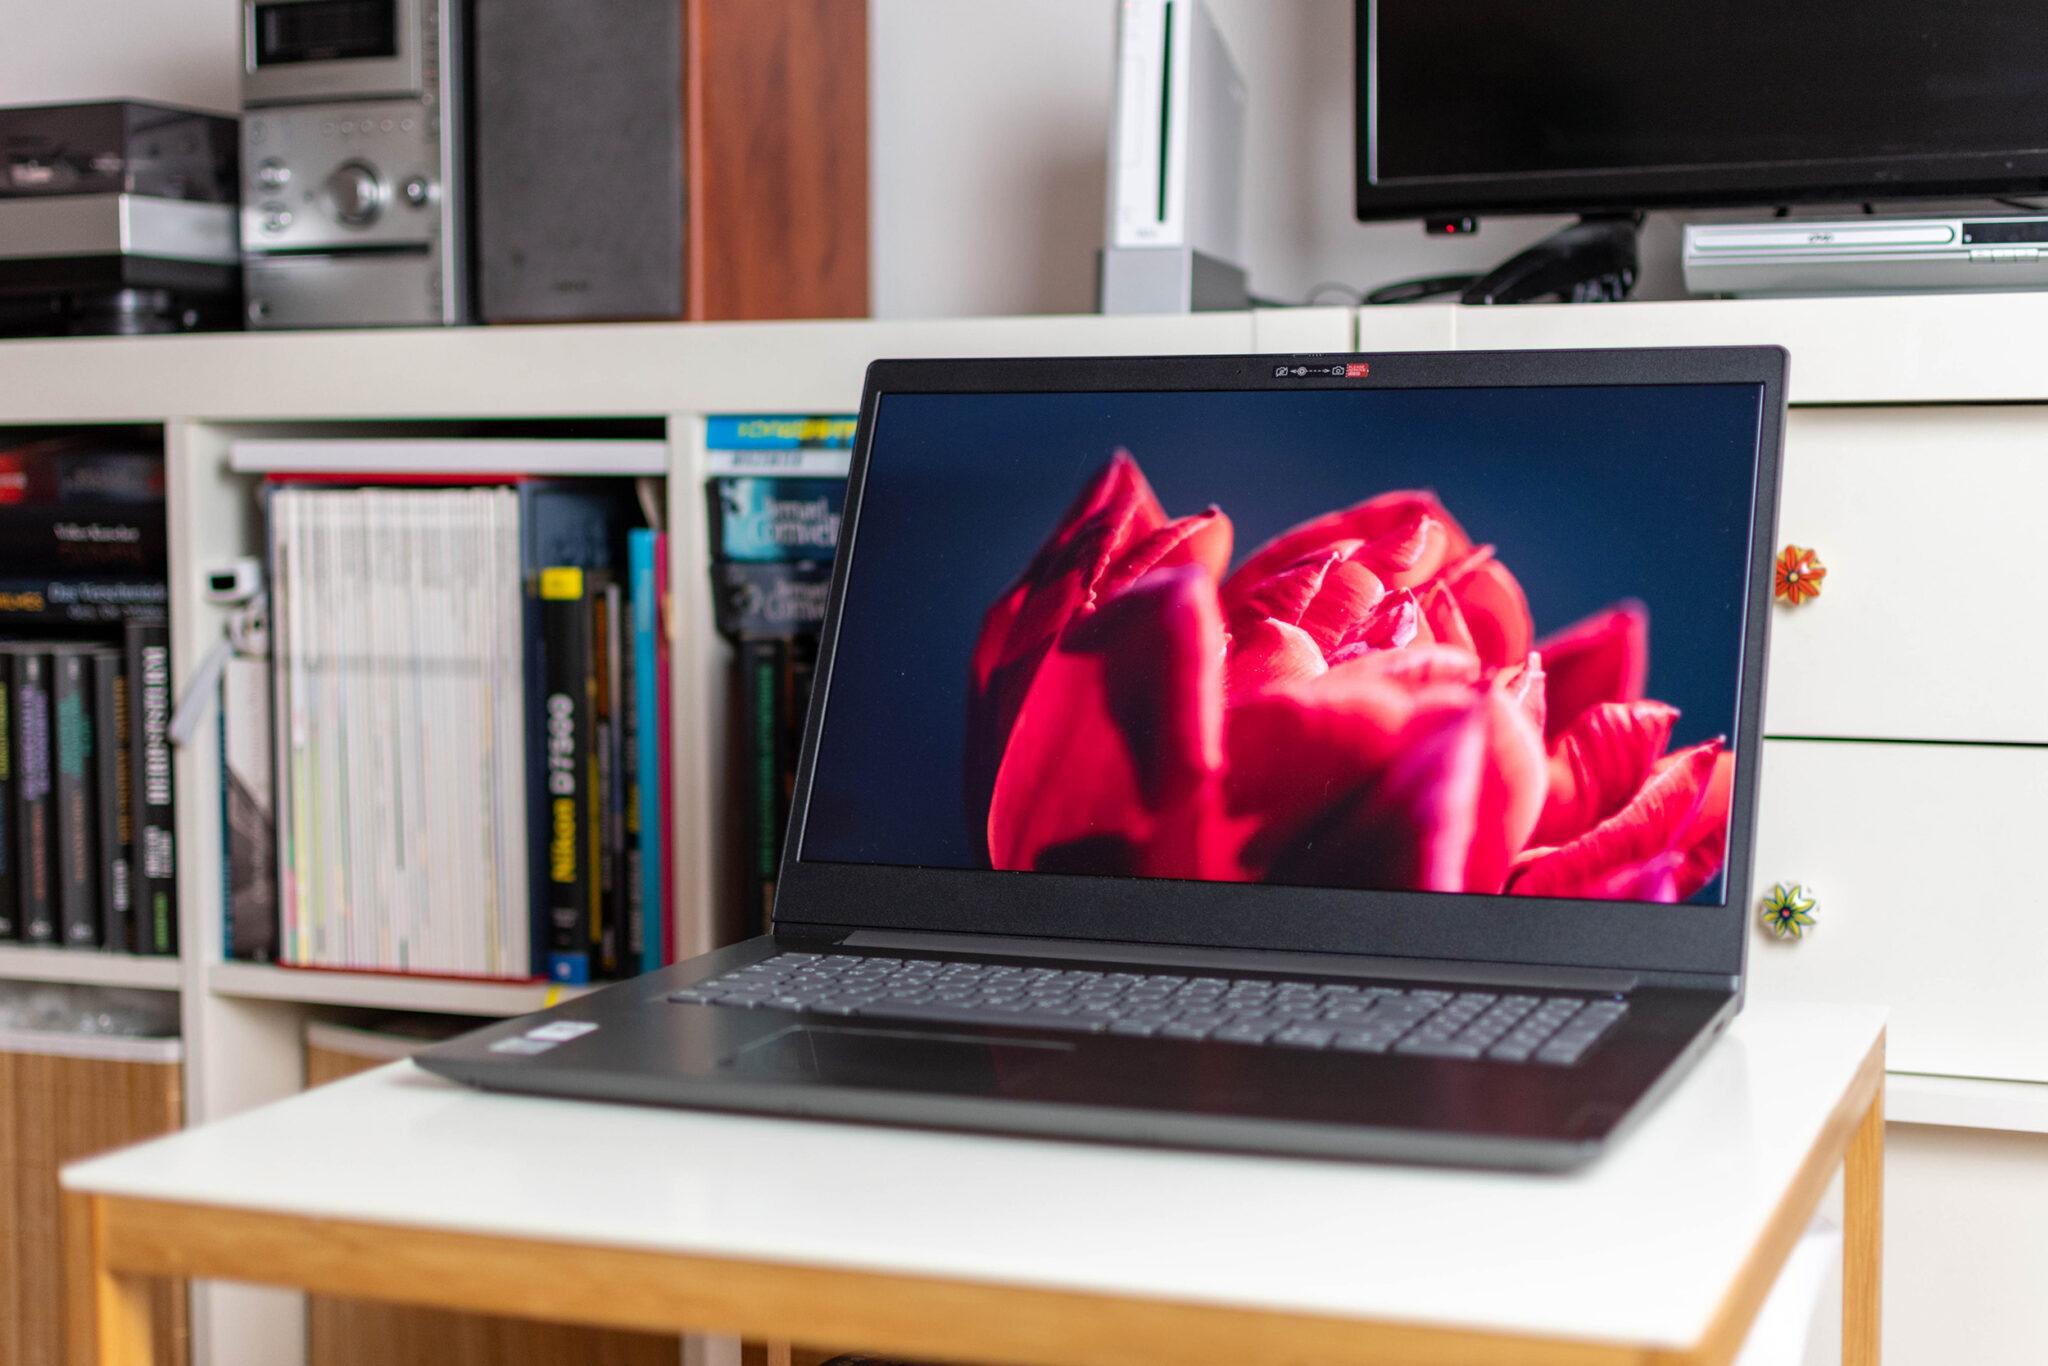 Das Lenovo V17 besitzt ein helles und farbgenaues Display